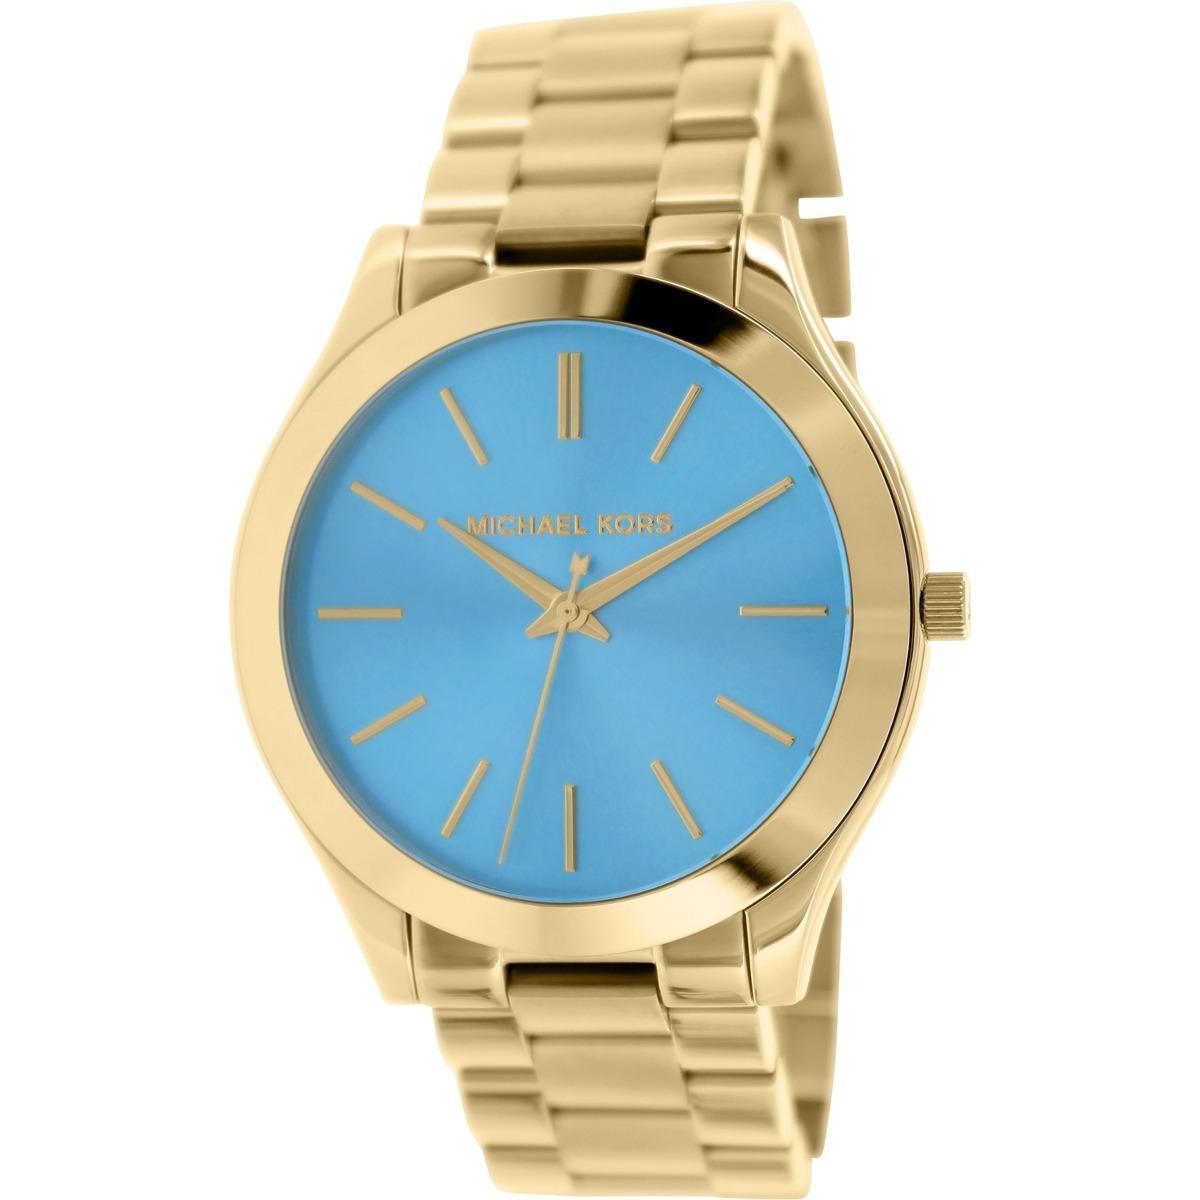 d4e8ffc69f37 reloj michael kors para mujer mk3265 esfera azul de acero. Cargando zoom.